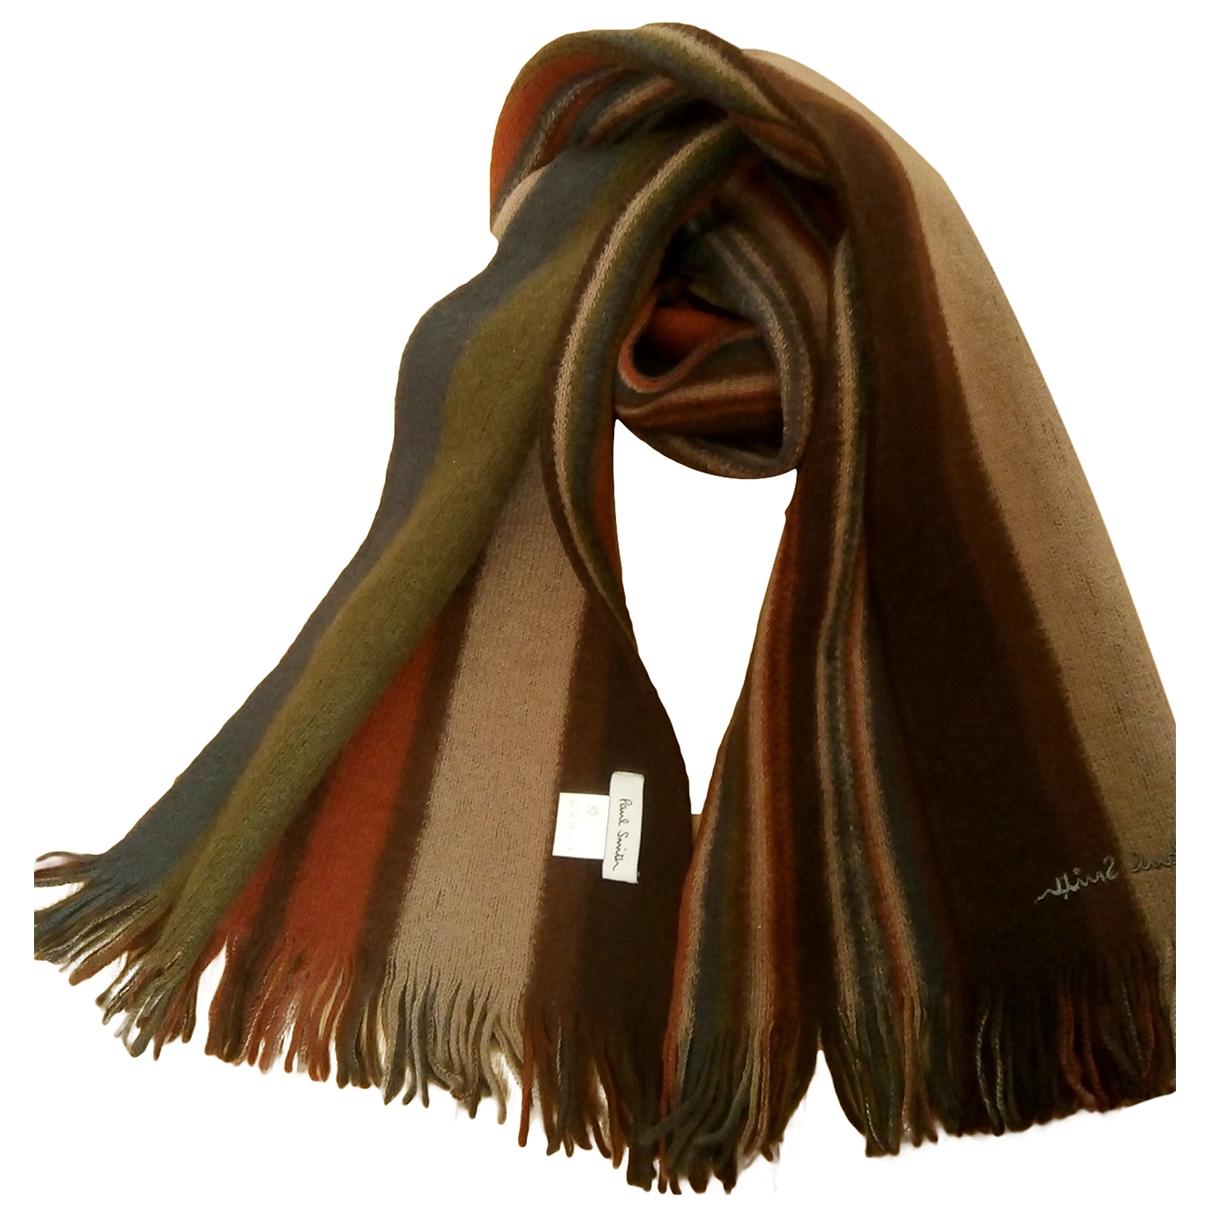 Paul Smith - Cheches.Echarpes   pour homme en laine - multicolore